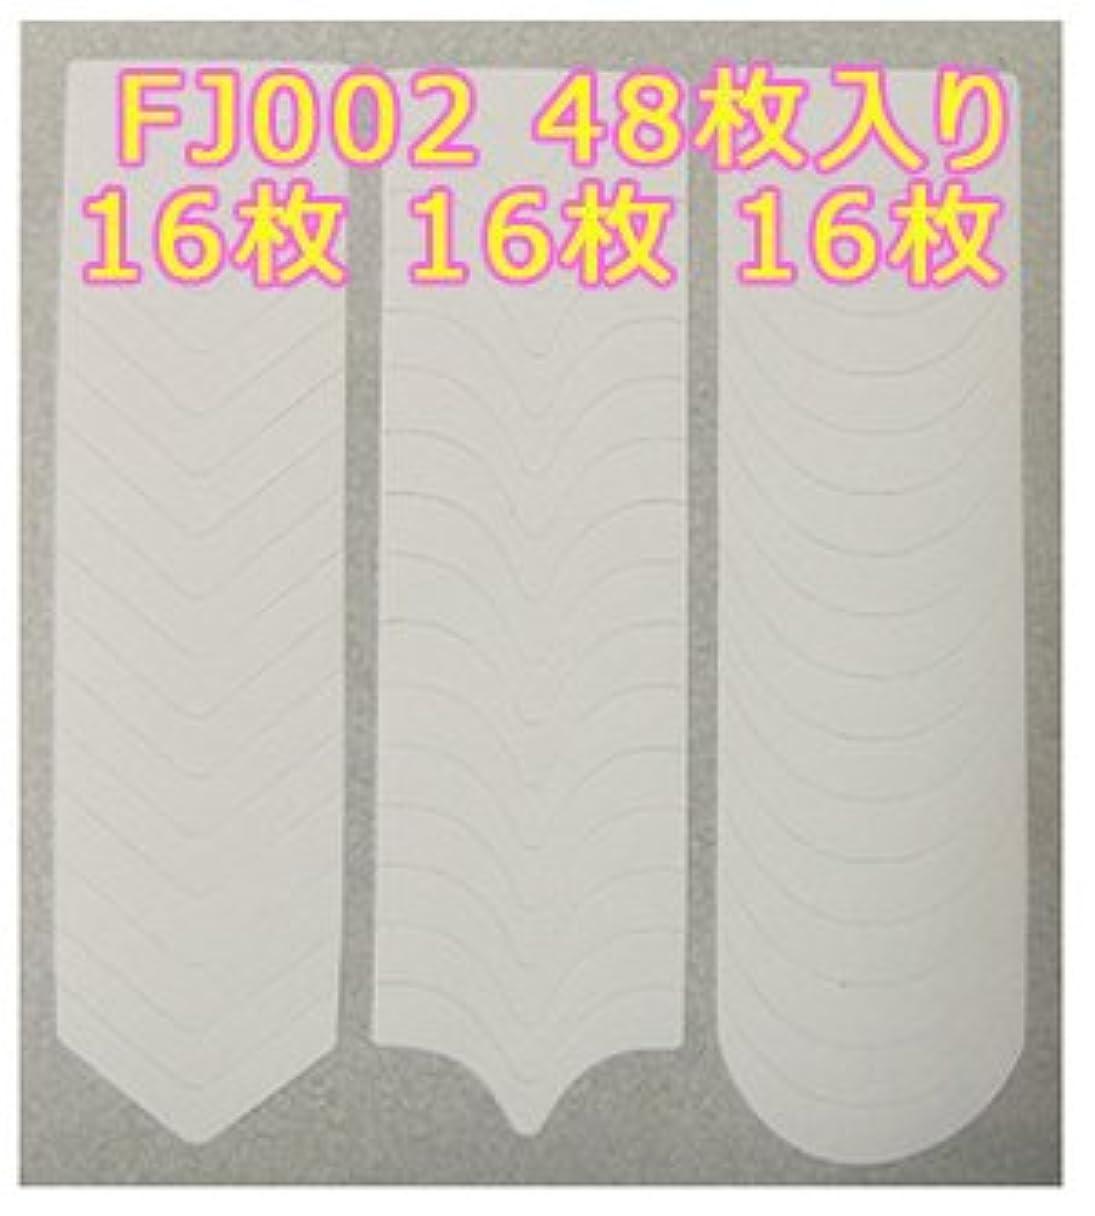 黒板区画アイドルフレンチガイドテープ/フレンチネイルシール/☆選べる4タイプ! (FJ002*48枚入り)